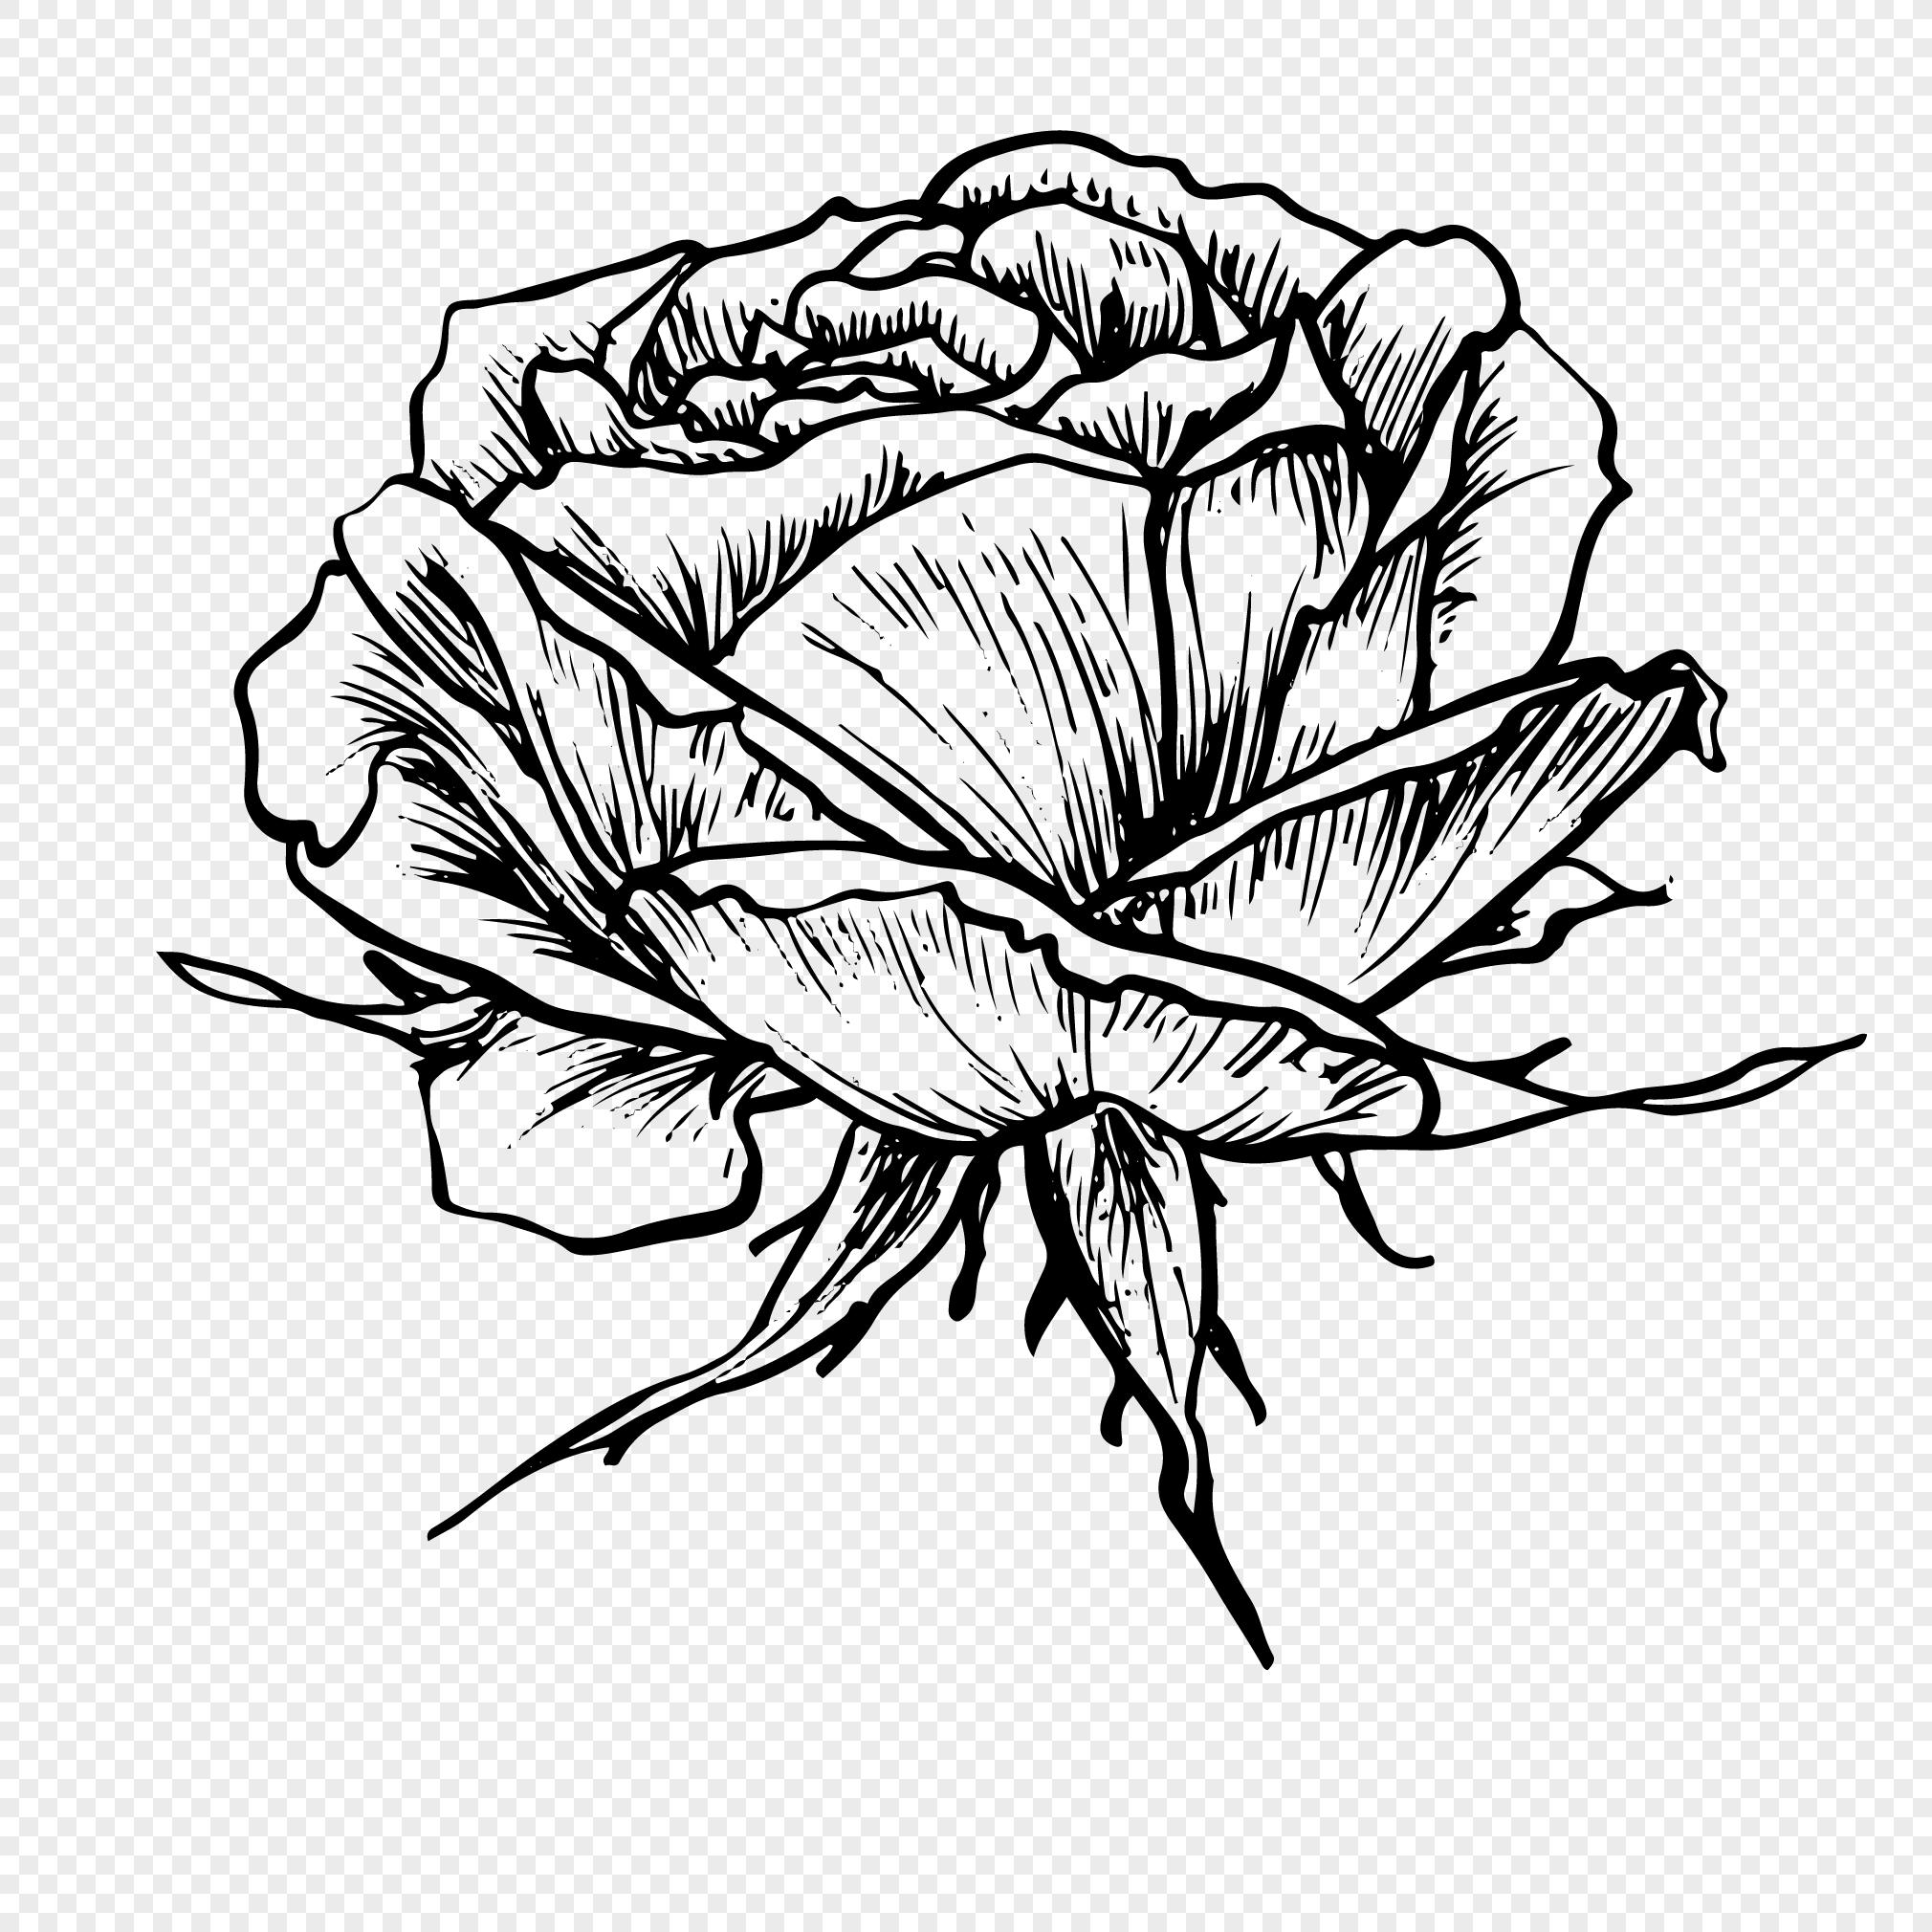 Gambar Bunga Ros Hitam Putih Brad Erva Doce Info